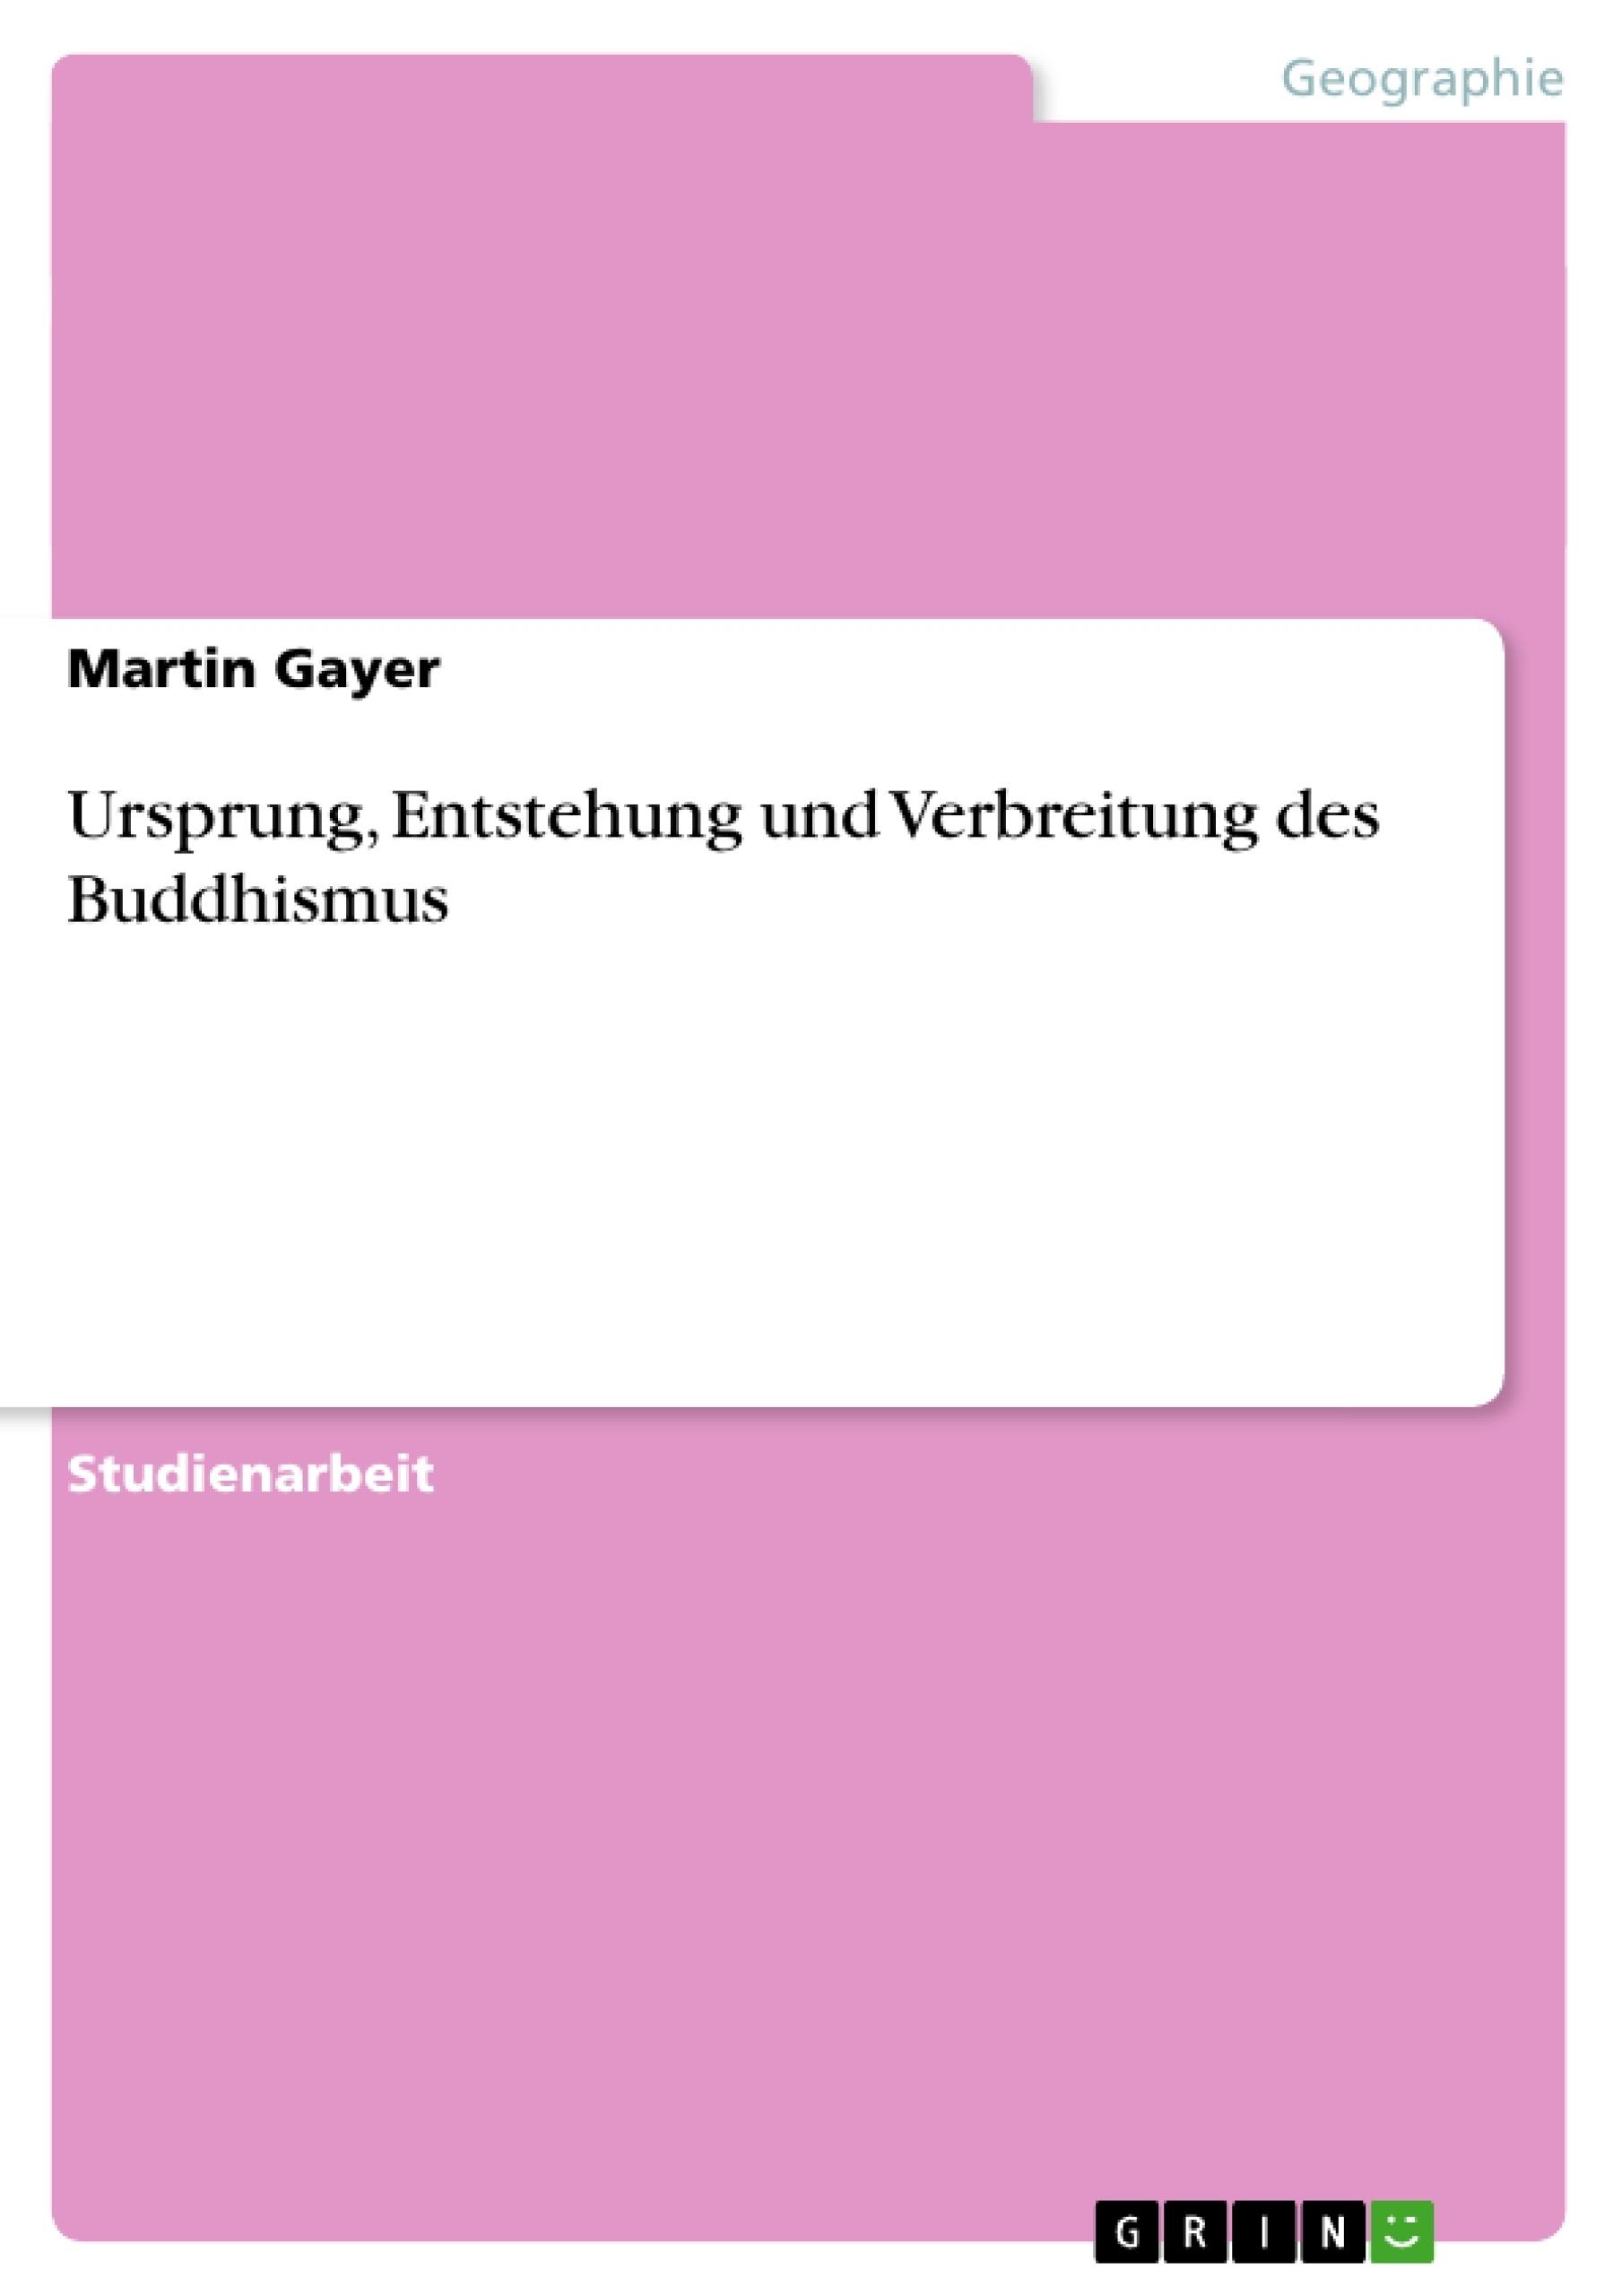 Titel: Ursprung, Entstehung und Verbreitung des Buddhismus